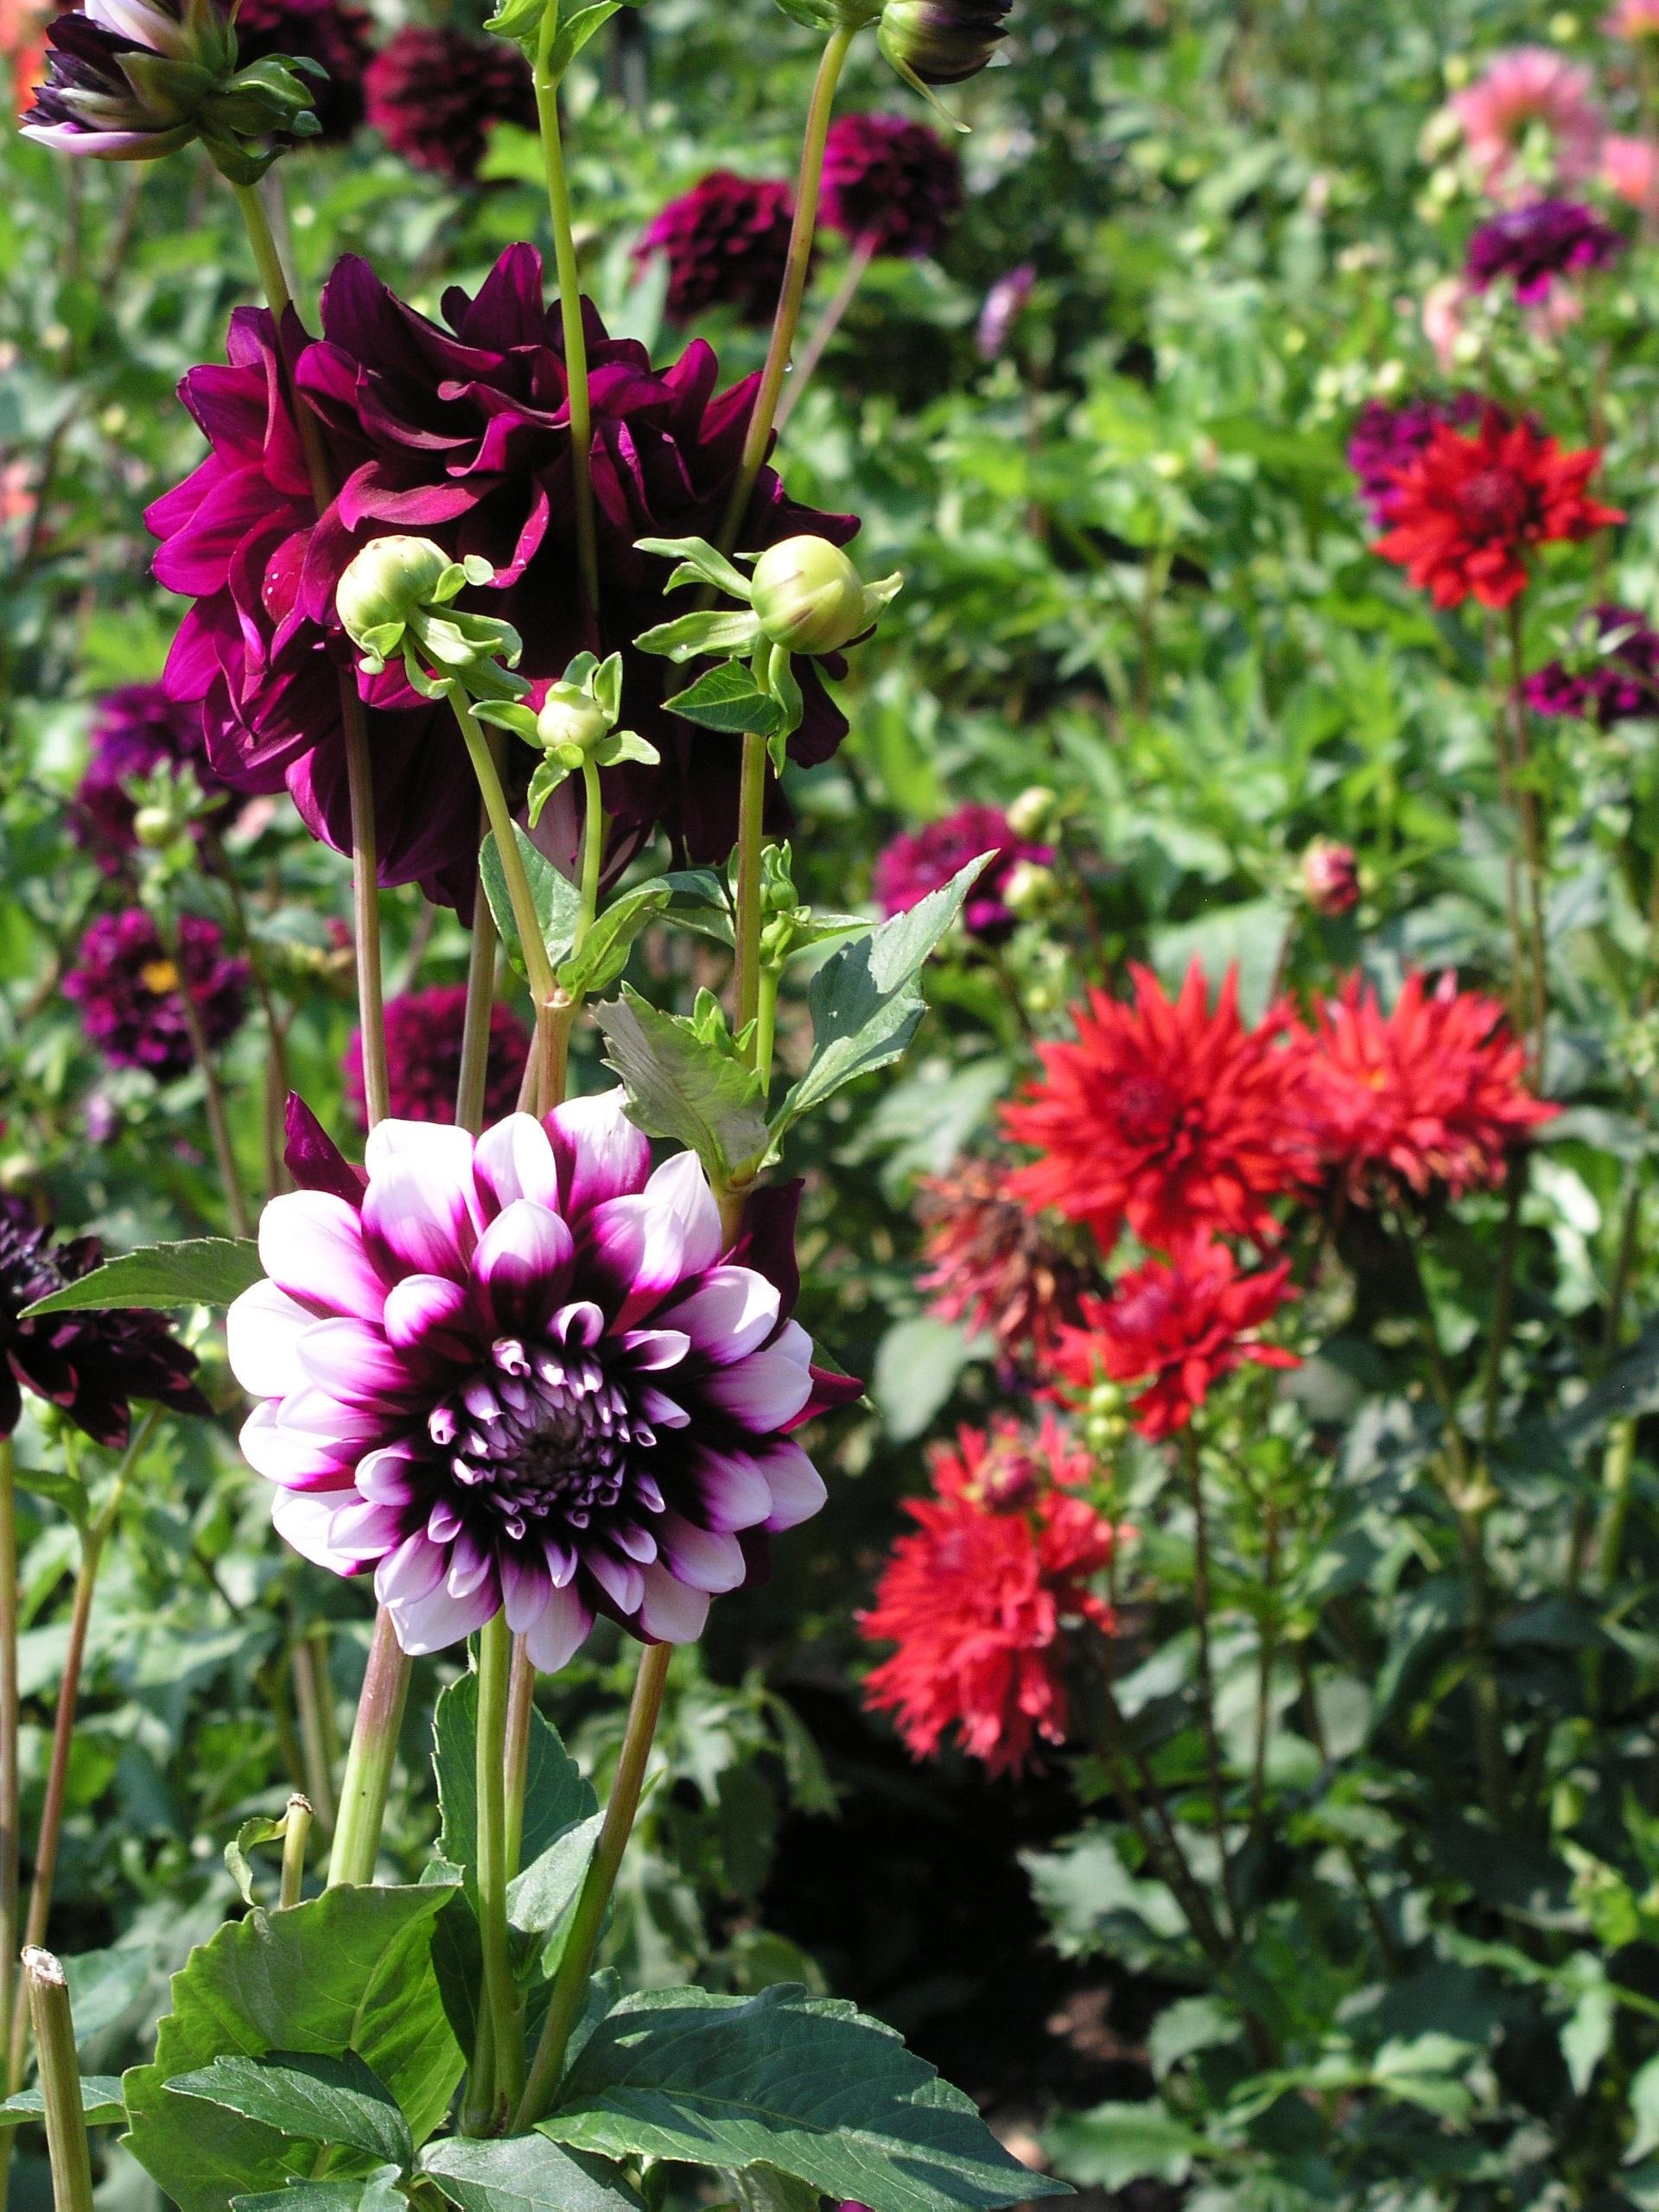 images gratuites : la nature, fleur, herbe, botanique, rose, flore